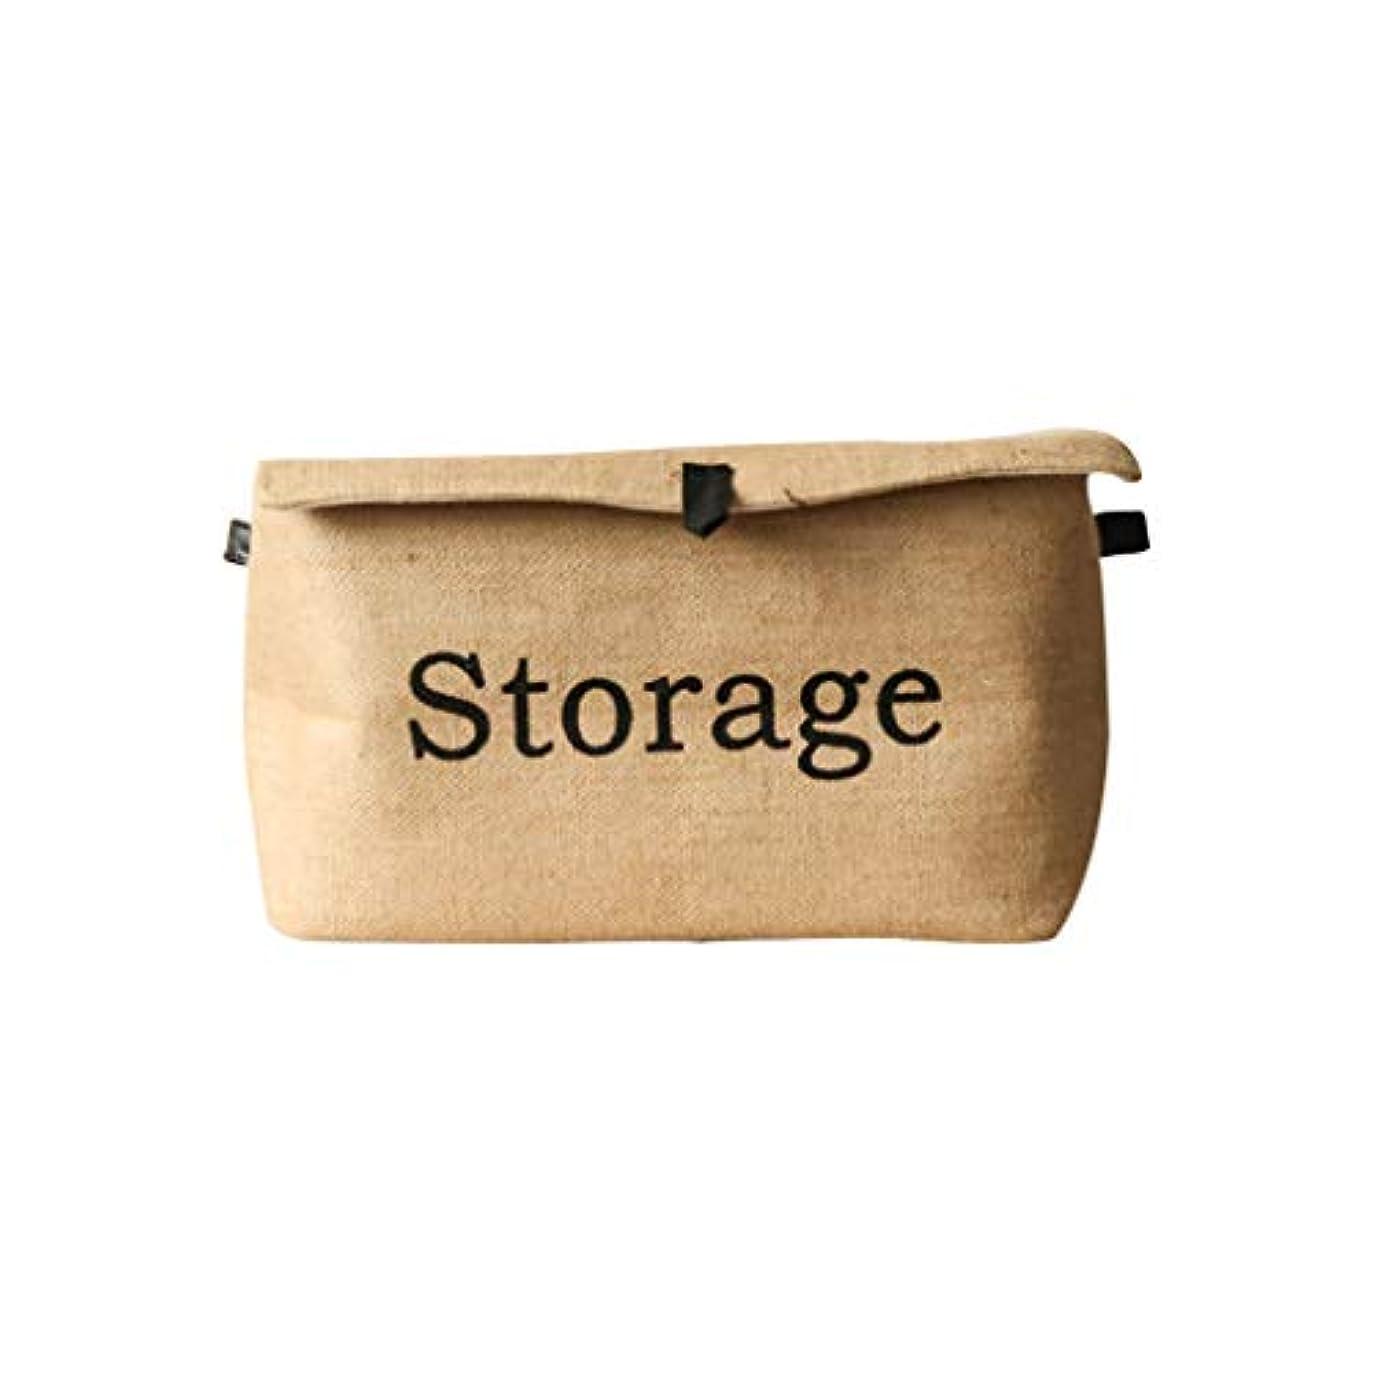 蛇行チャンス戸惑うQYSZYG 大麻の四角い服の収納ボックス綿とリネンレトロ折りたたみの緑の革のバックルは、収納ボックスをカバー 収納バスケット (サイズ さいず : L l)